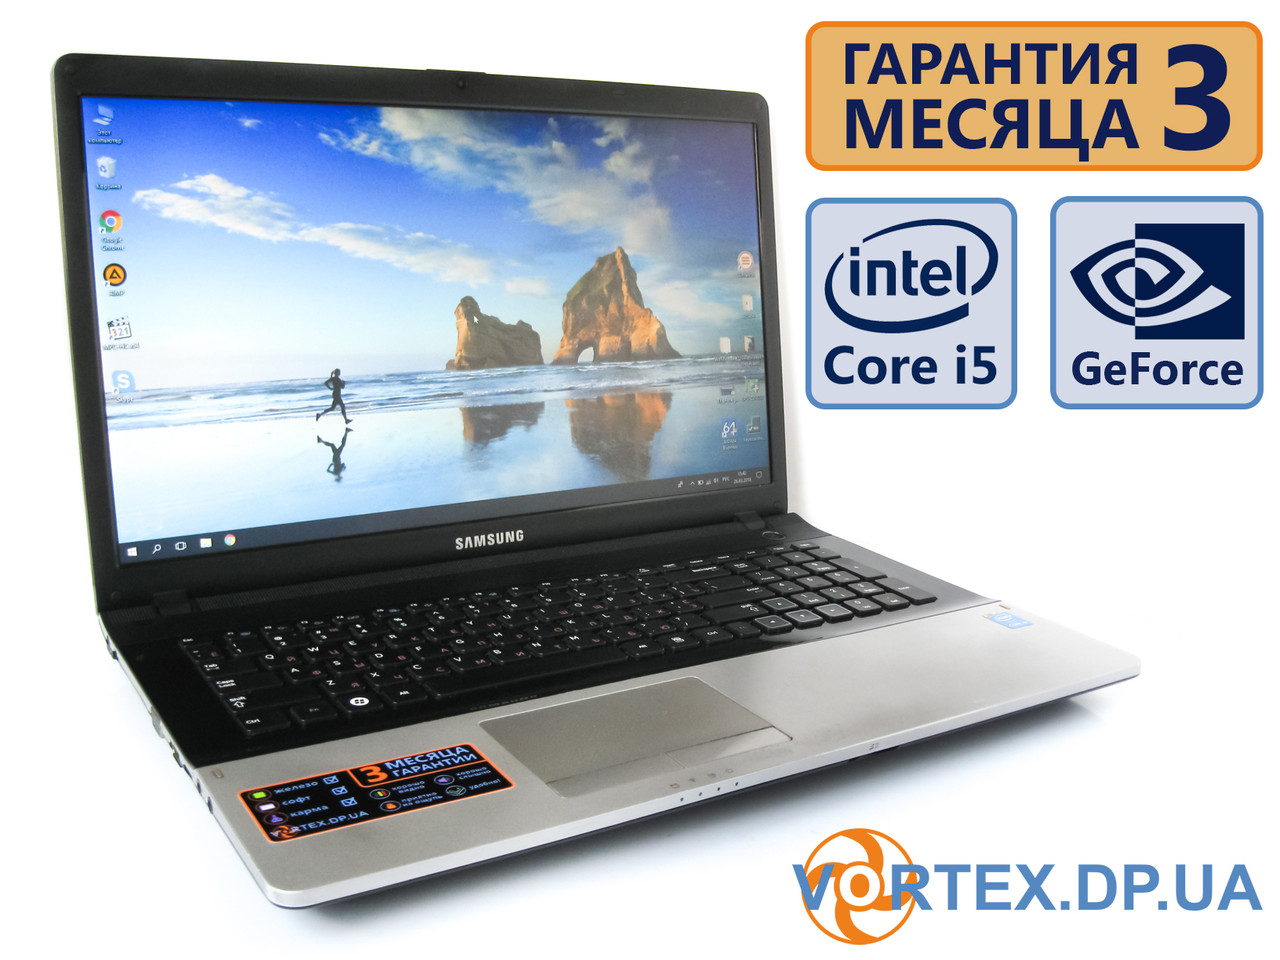 Ноутбук Samsung np300e7a 17.3 (1600x900) / Intel Core i5-2430M (2x2.4G